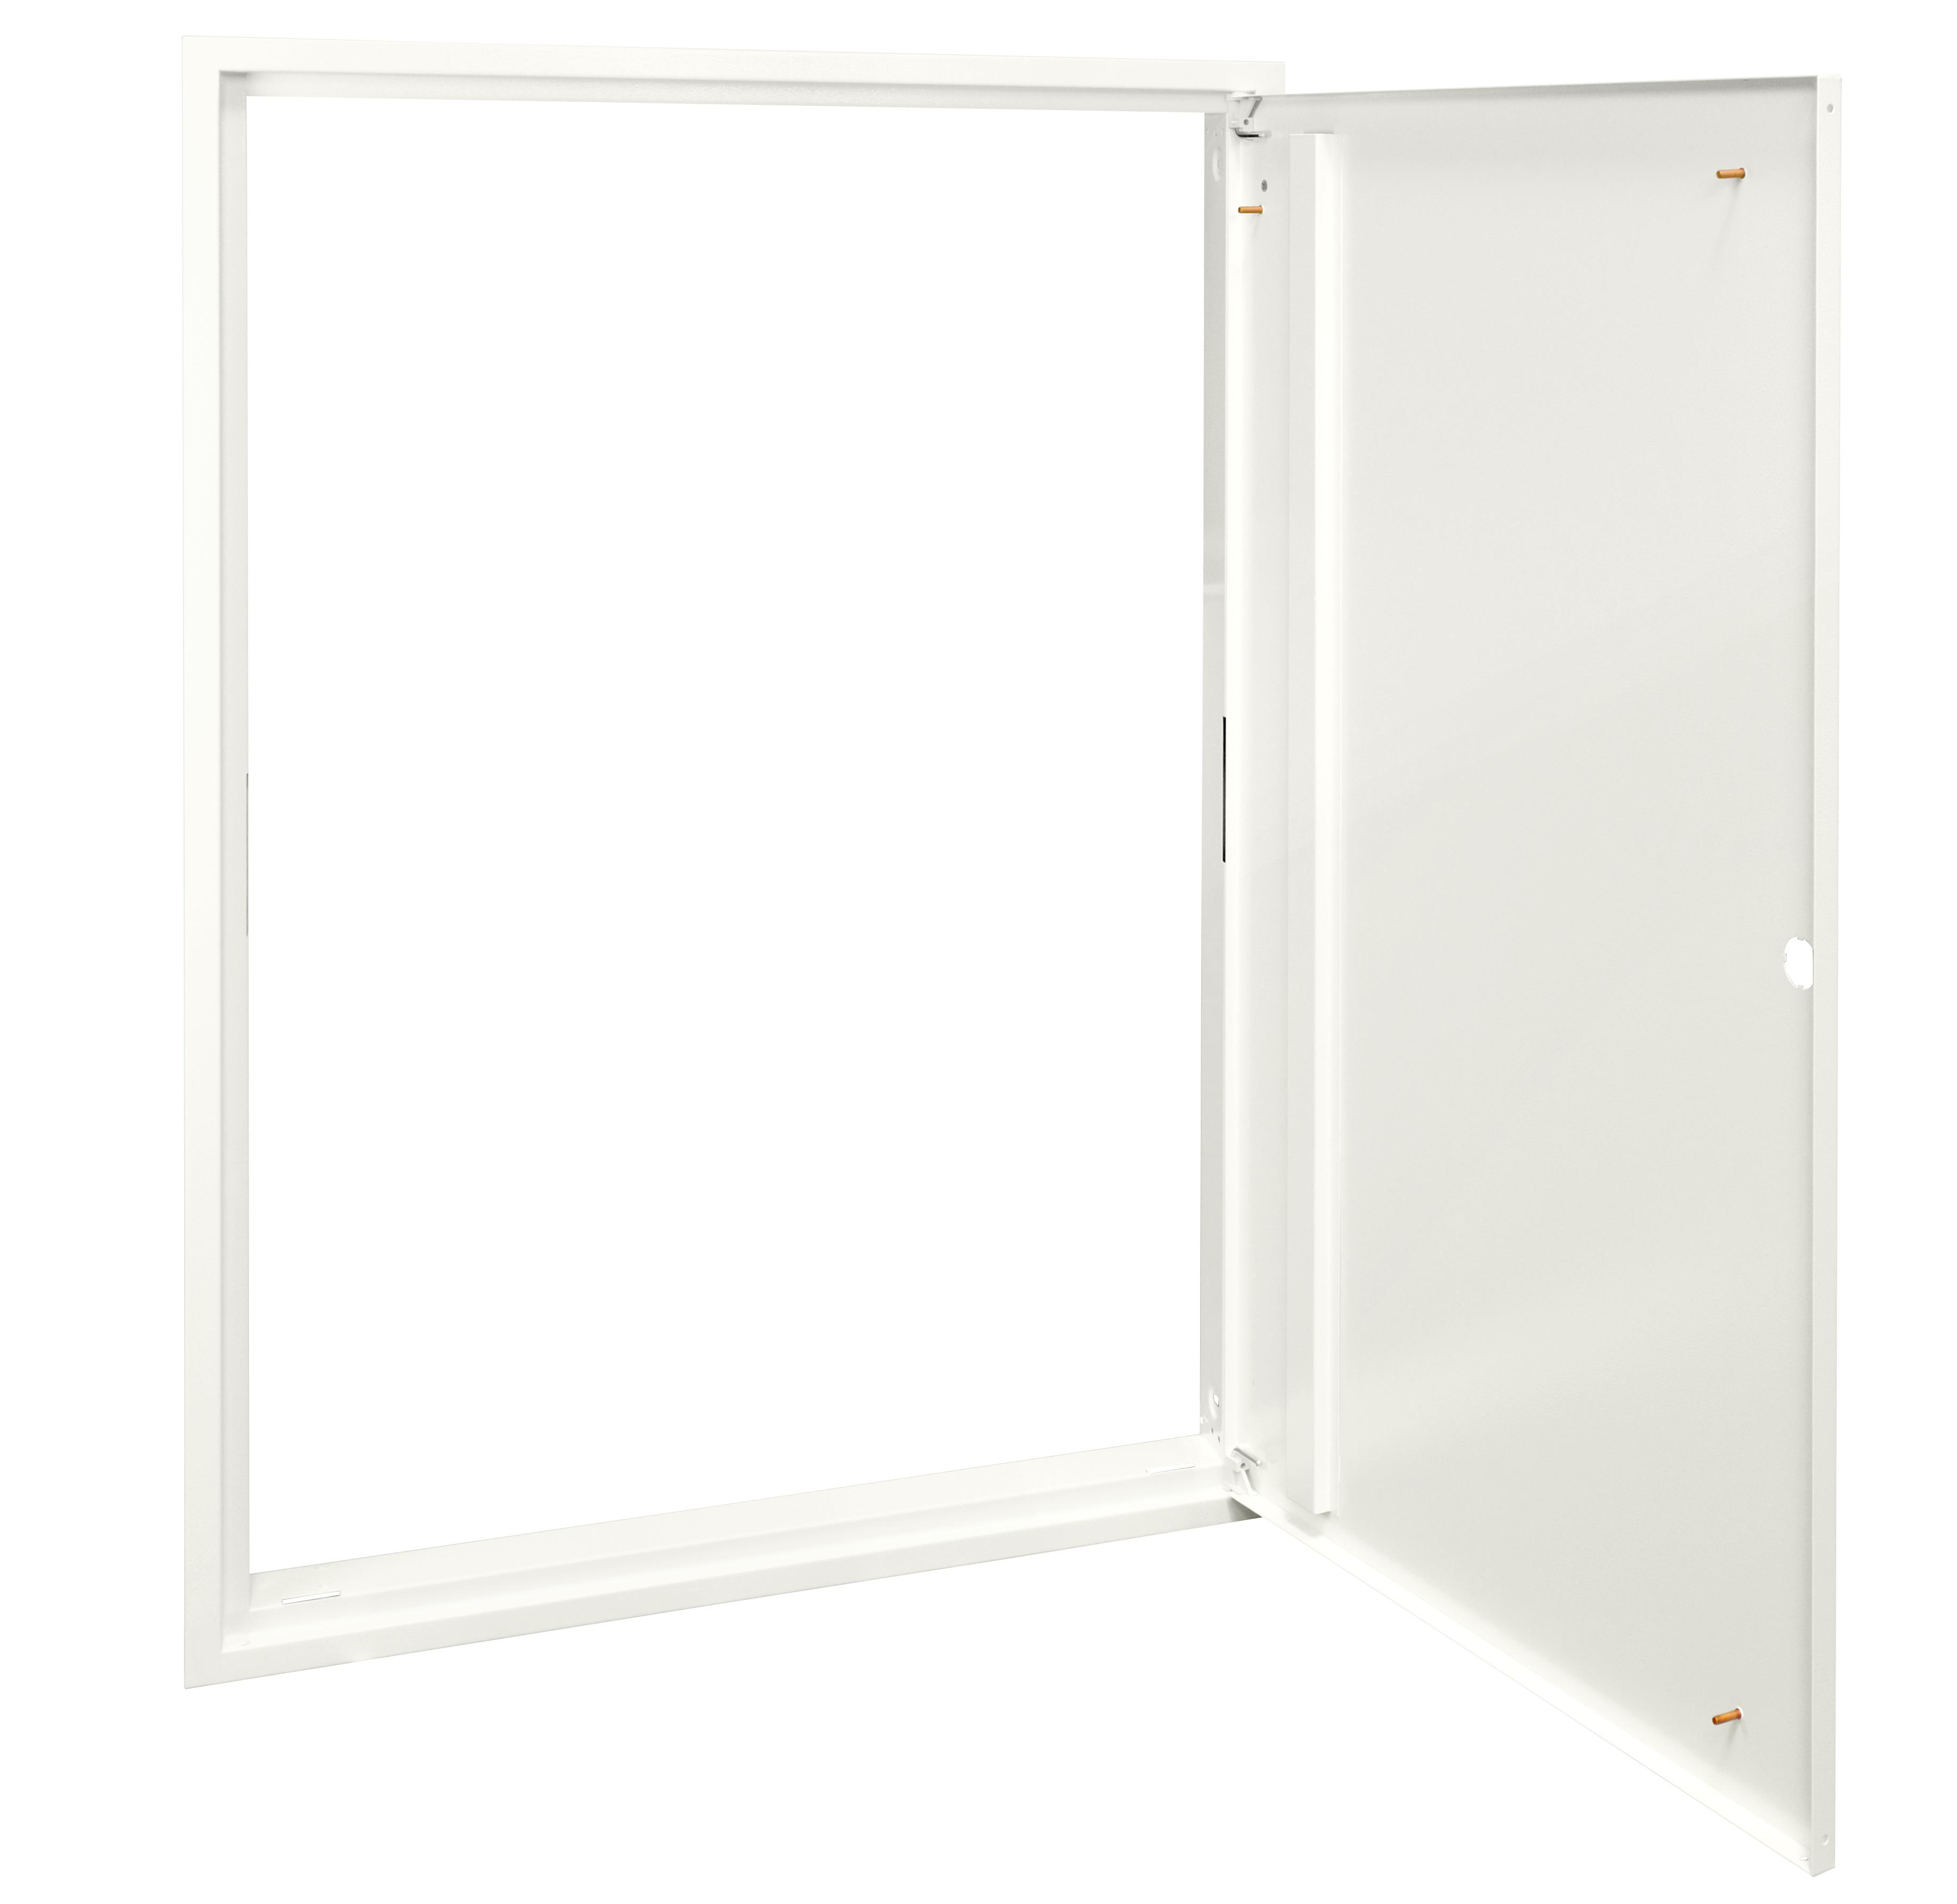 1 Stk Unterputz-Rahmen mit Türe S3 1U-12 IL308112-F